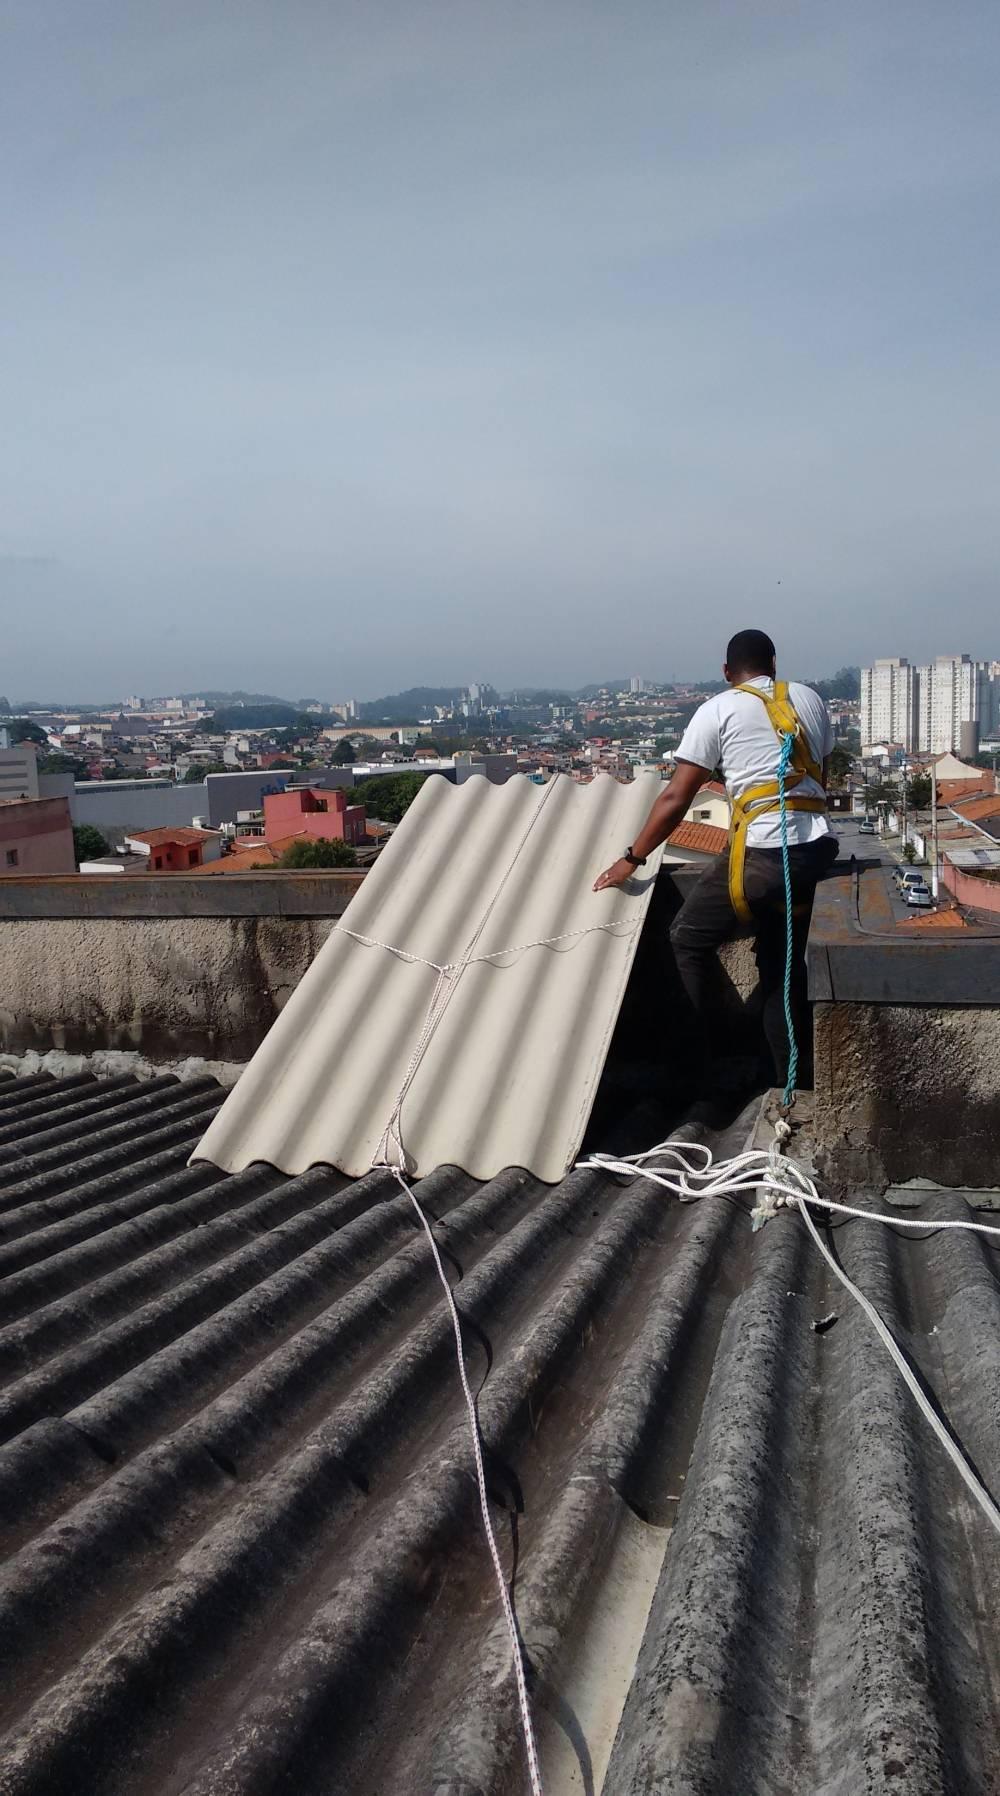 Empresa Que Faça Manutenção Hidráulica em Residências no Jardim Liar - Serviço Hidráulico Residencial